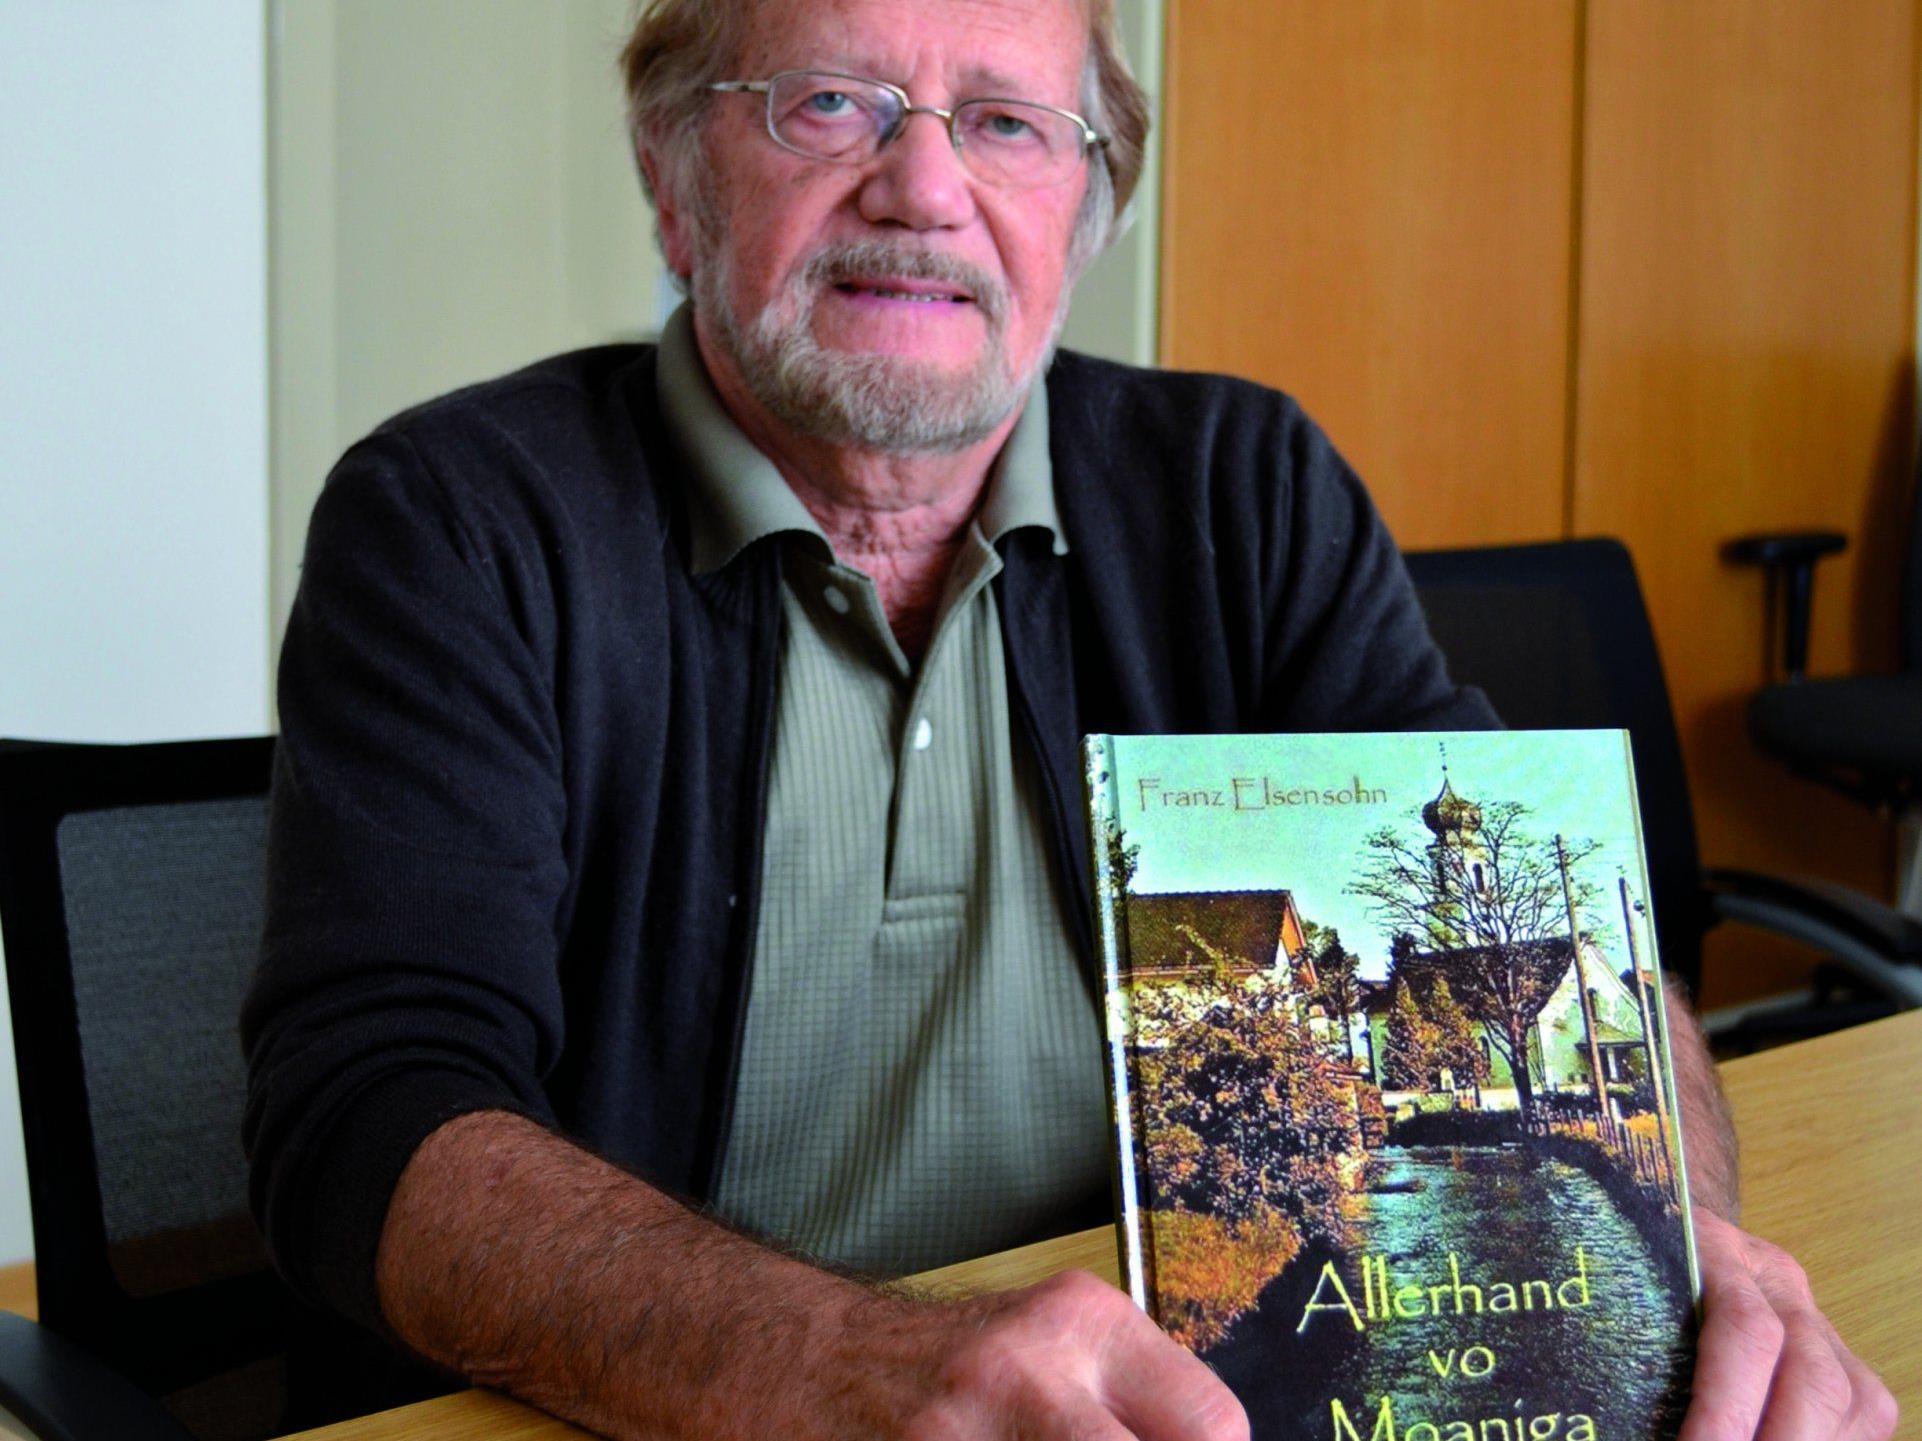 Franz Elsensohn stellt sein Buch über Meiningen vor.